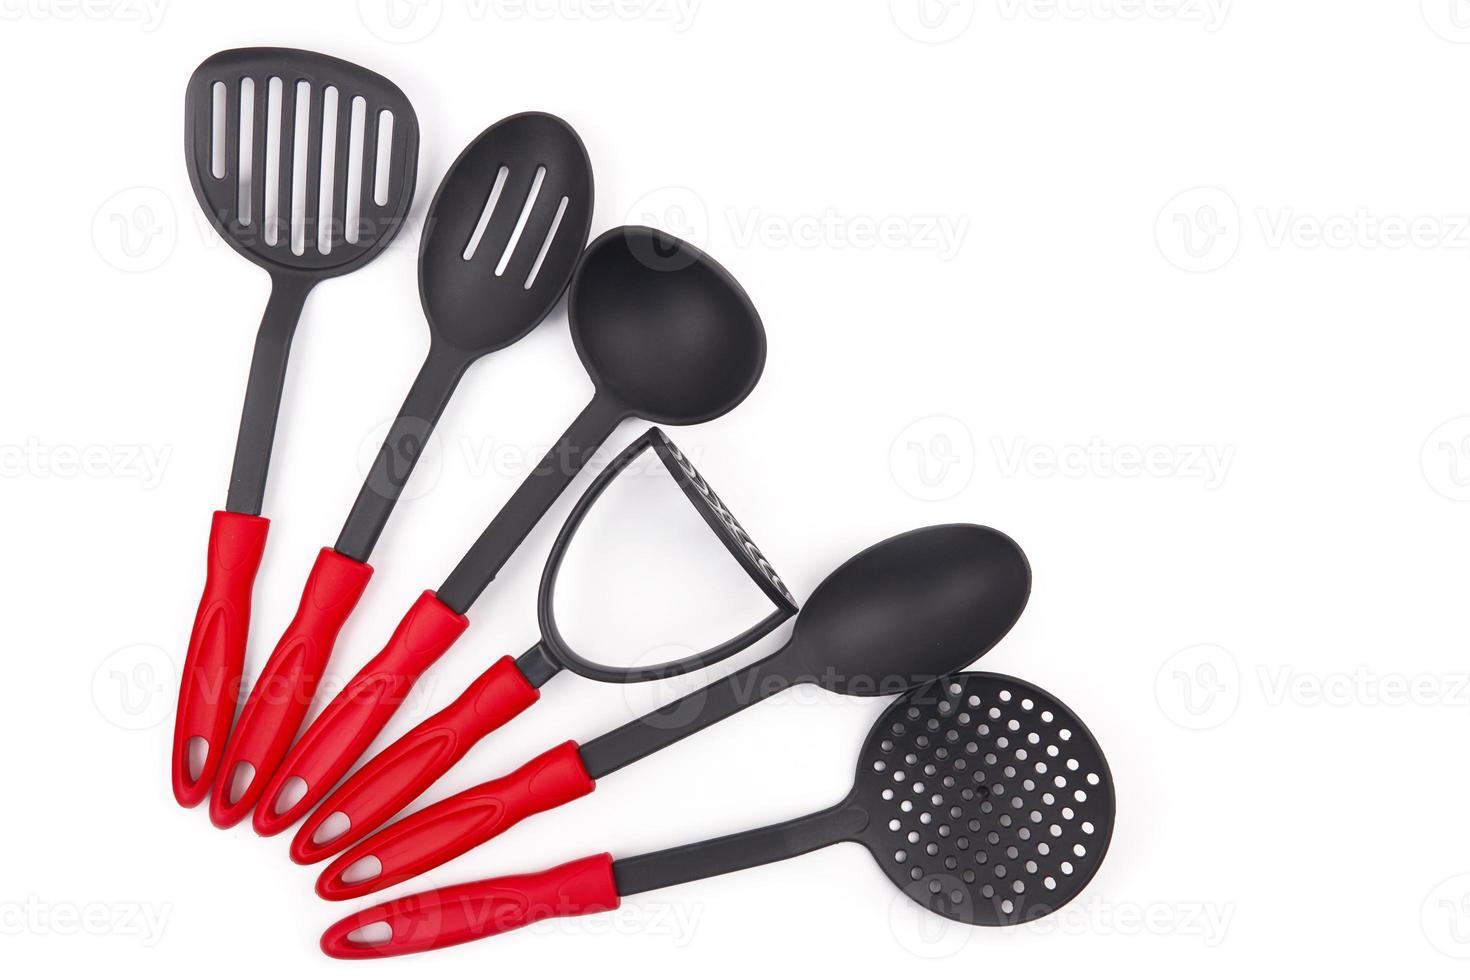 herramientas de cocina foto